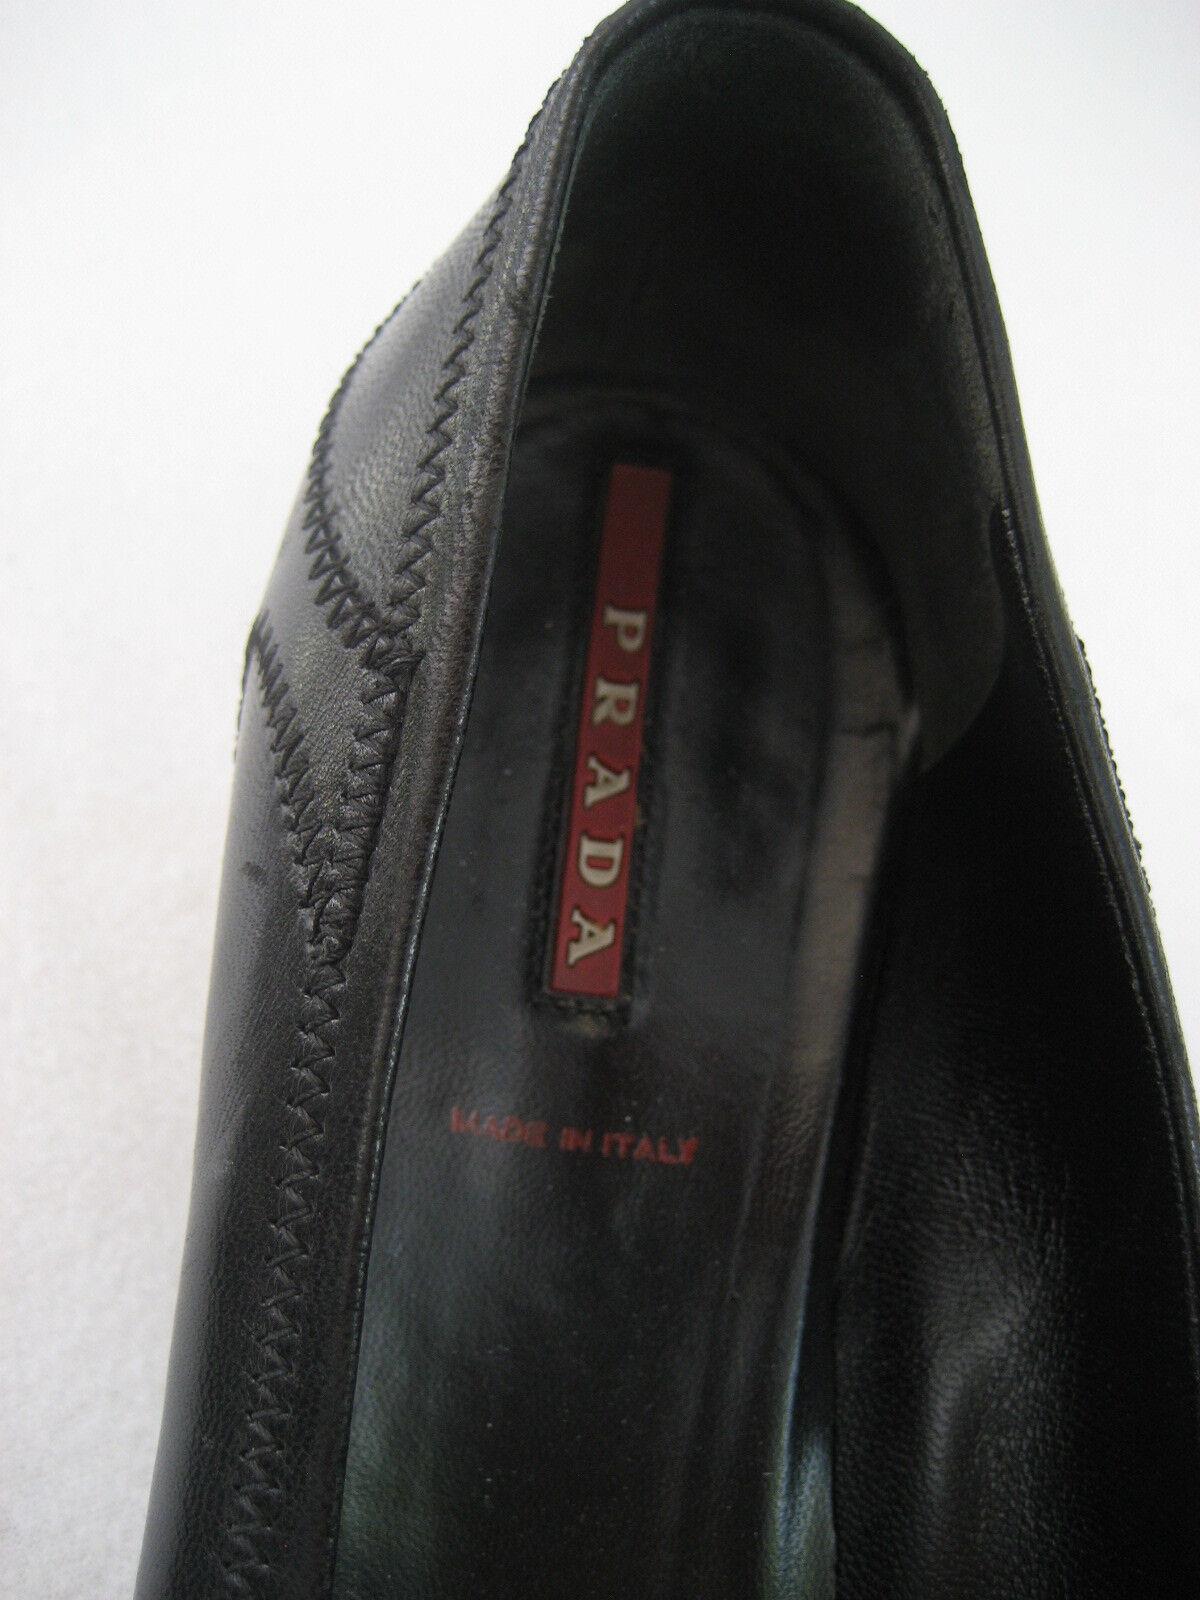 Prada Pumps Leder Leder Leder schwarz Gr. 38 Klassiker gebraucht Top Zustand d598e3